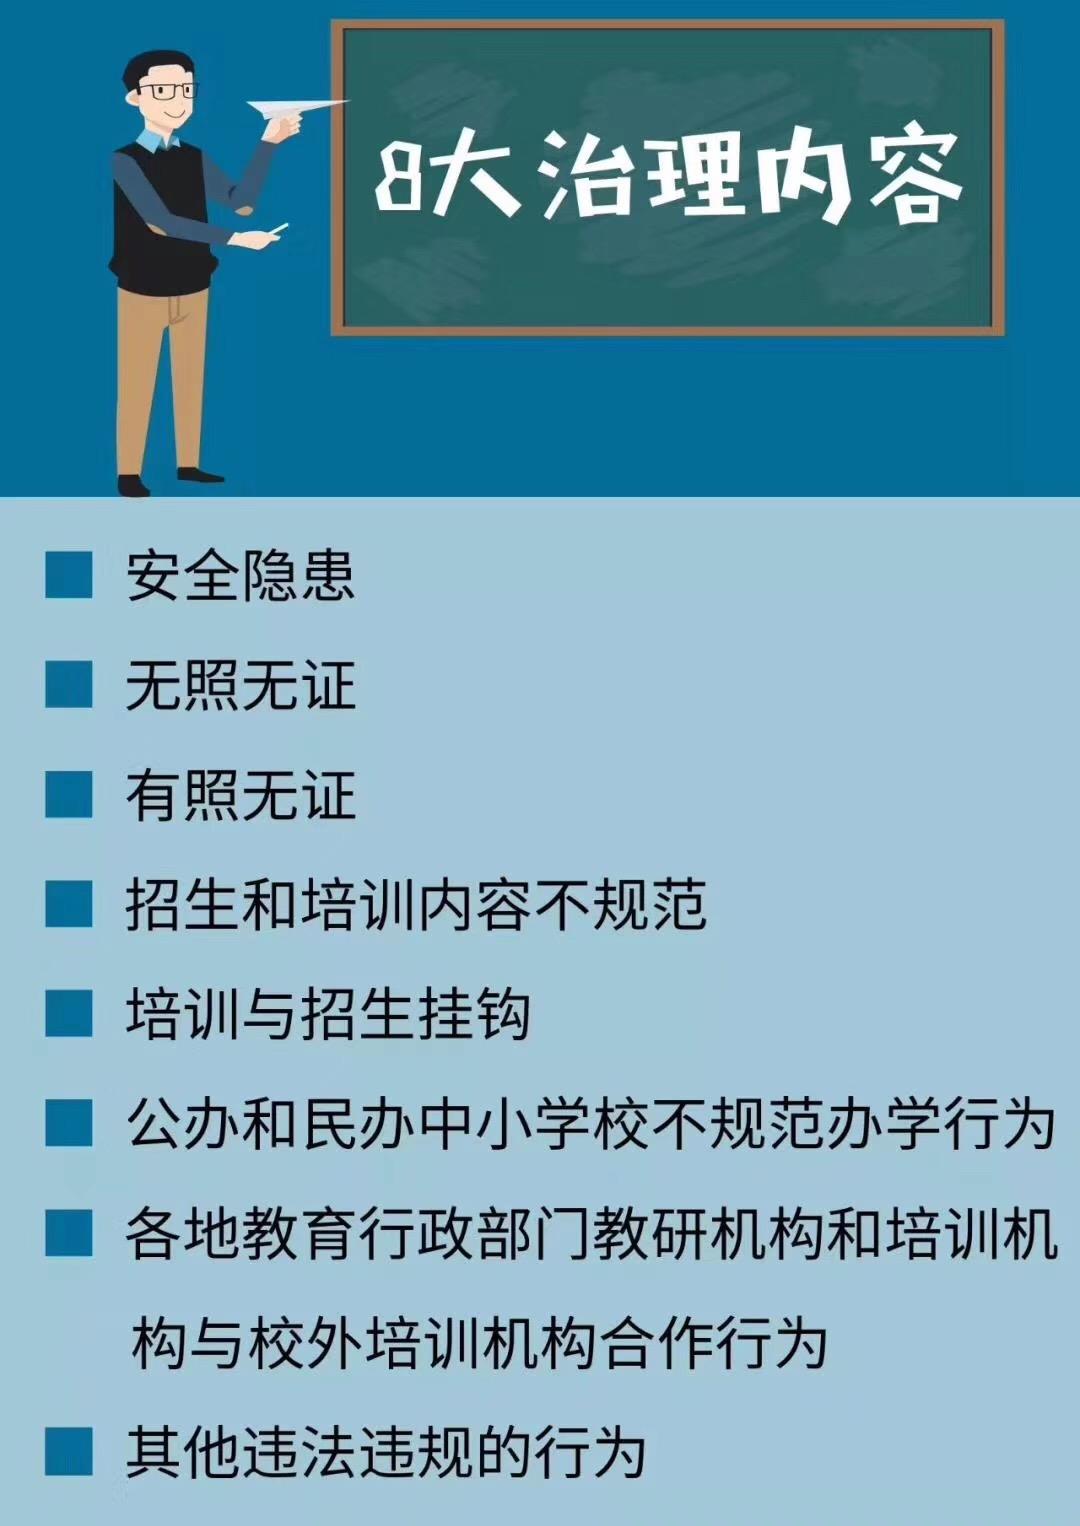 课外辅导机构